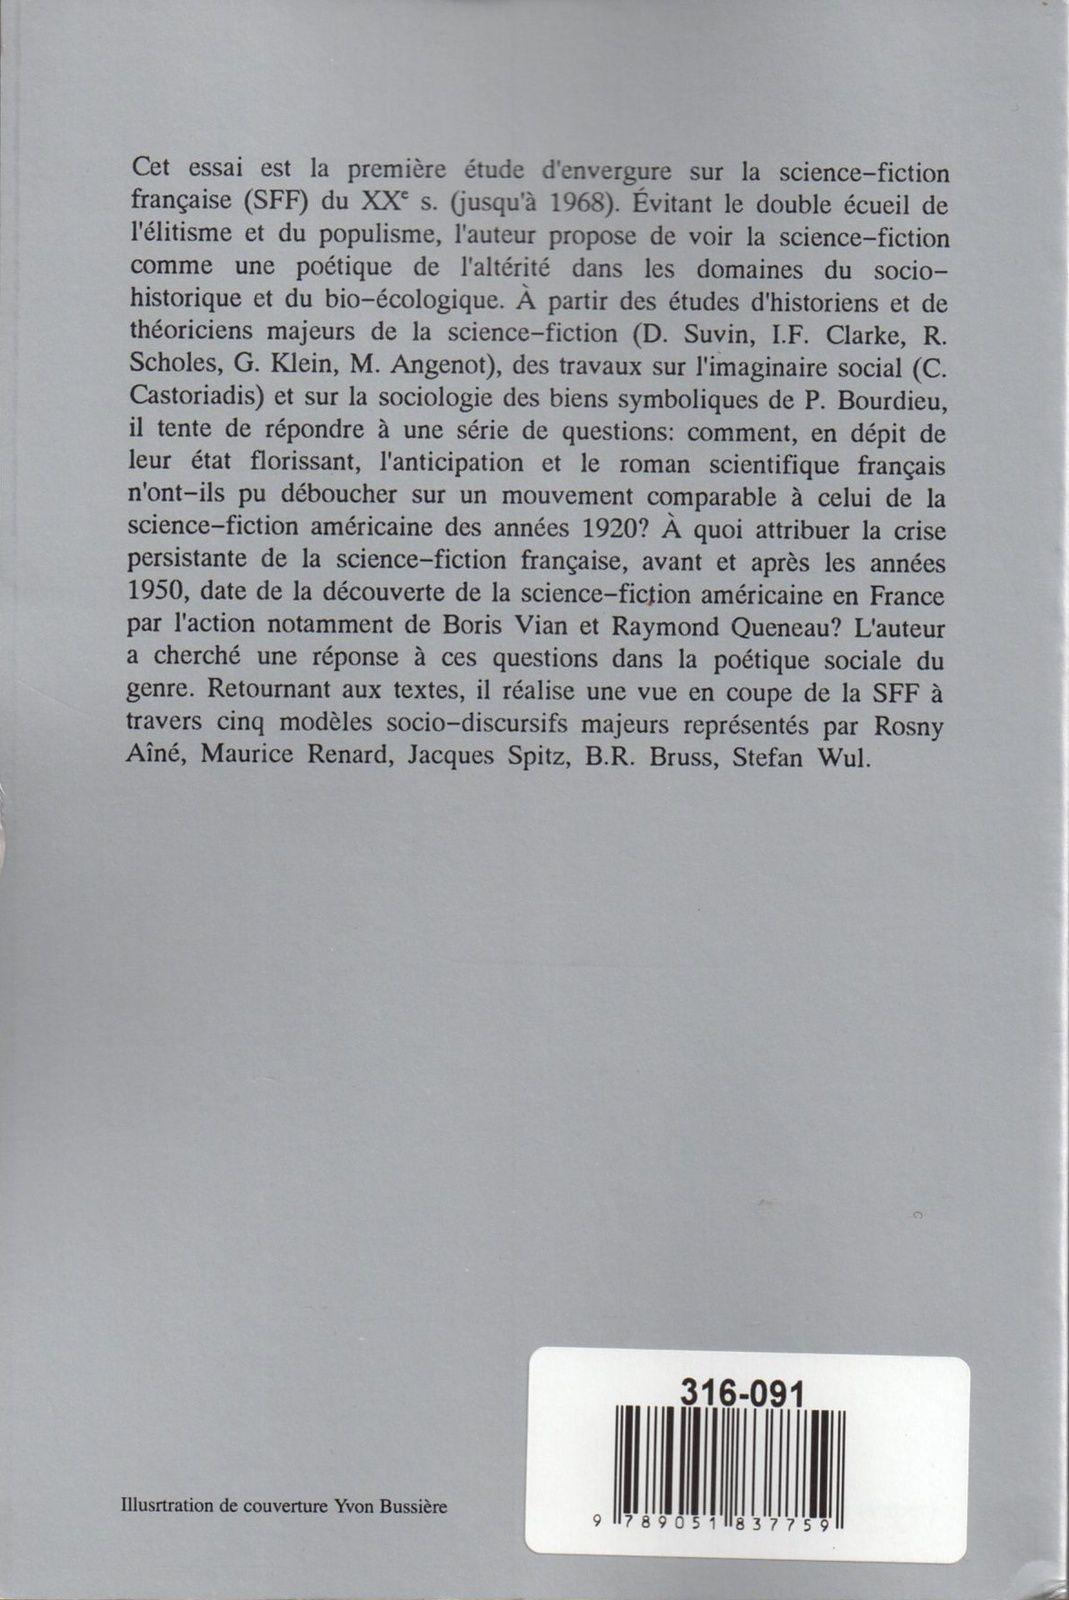 """Jean-Marc Gouanvic """"La Science-fiction française au XXe siècle (1900-1968)"""" (Rodopi - 1994)"""